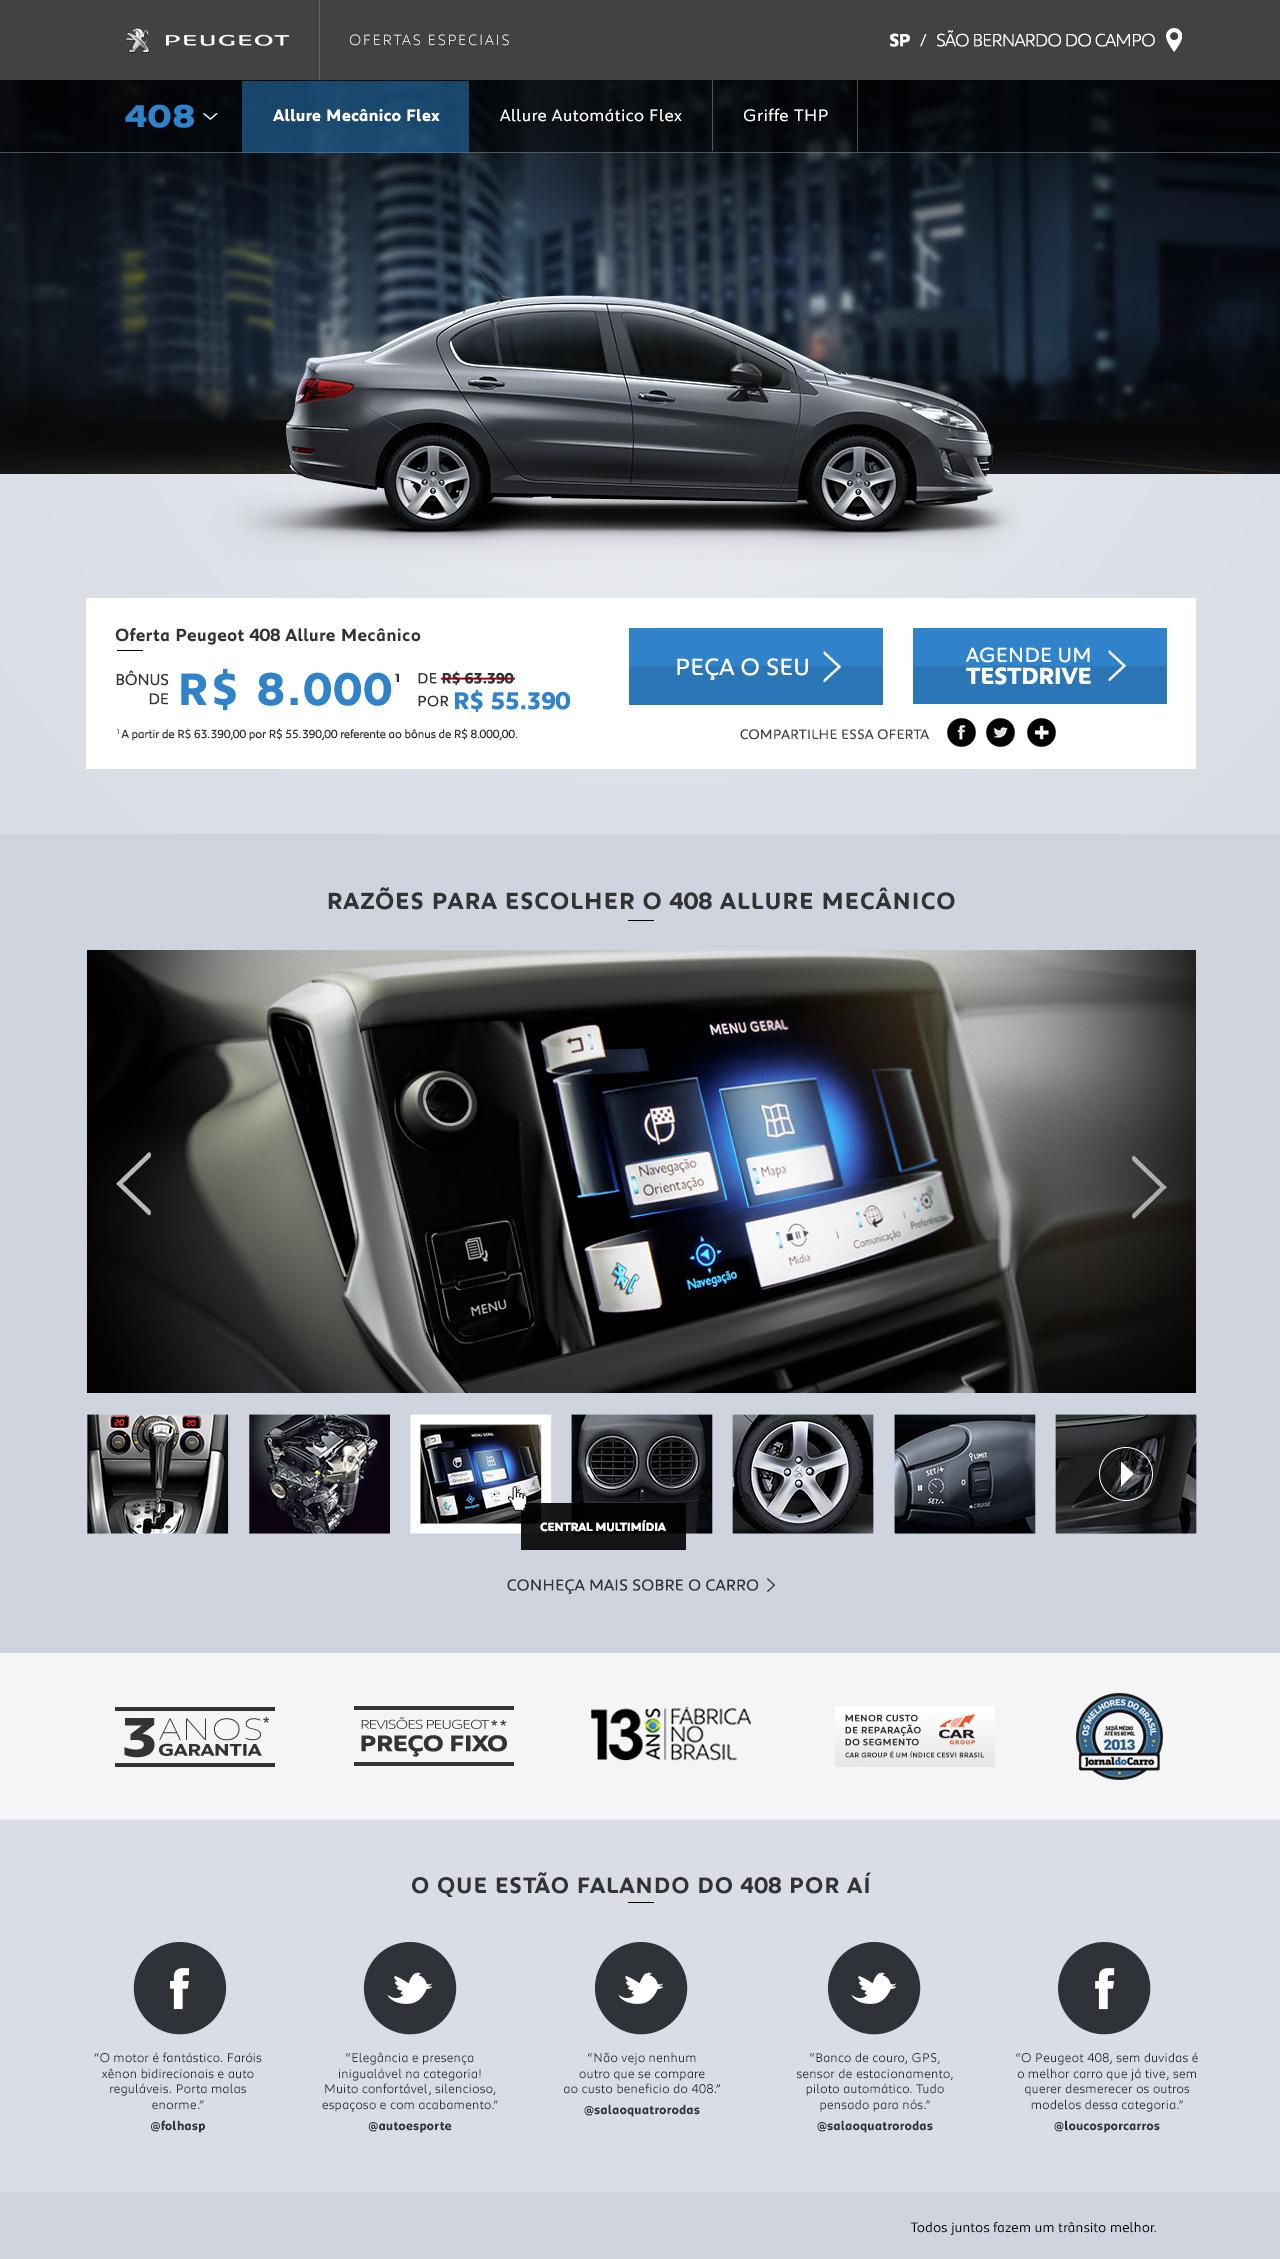 Peugeot Varejo 2015 - Interna - Carro 408